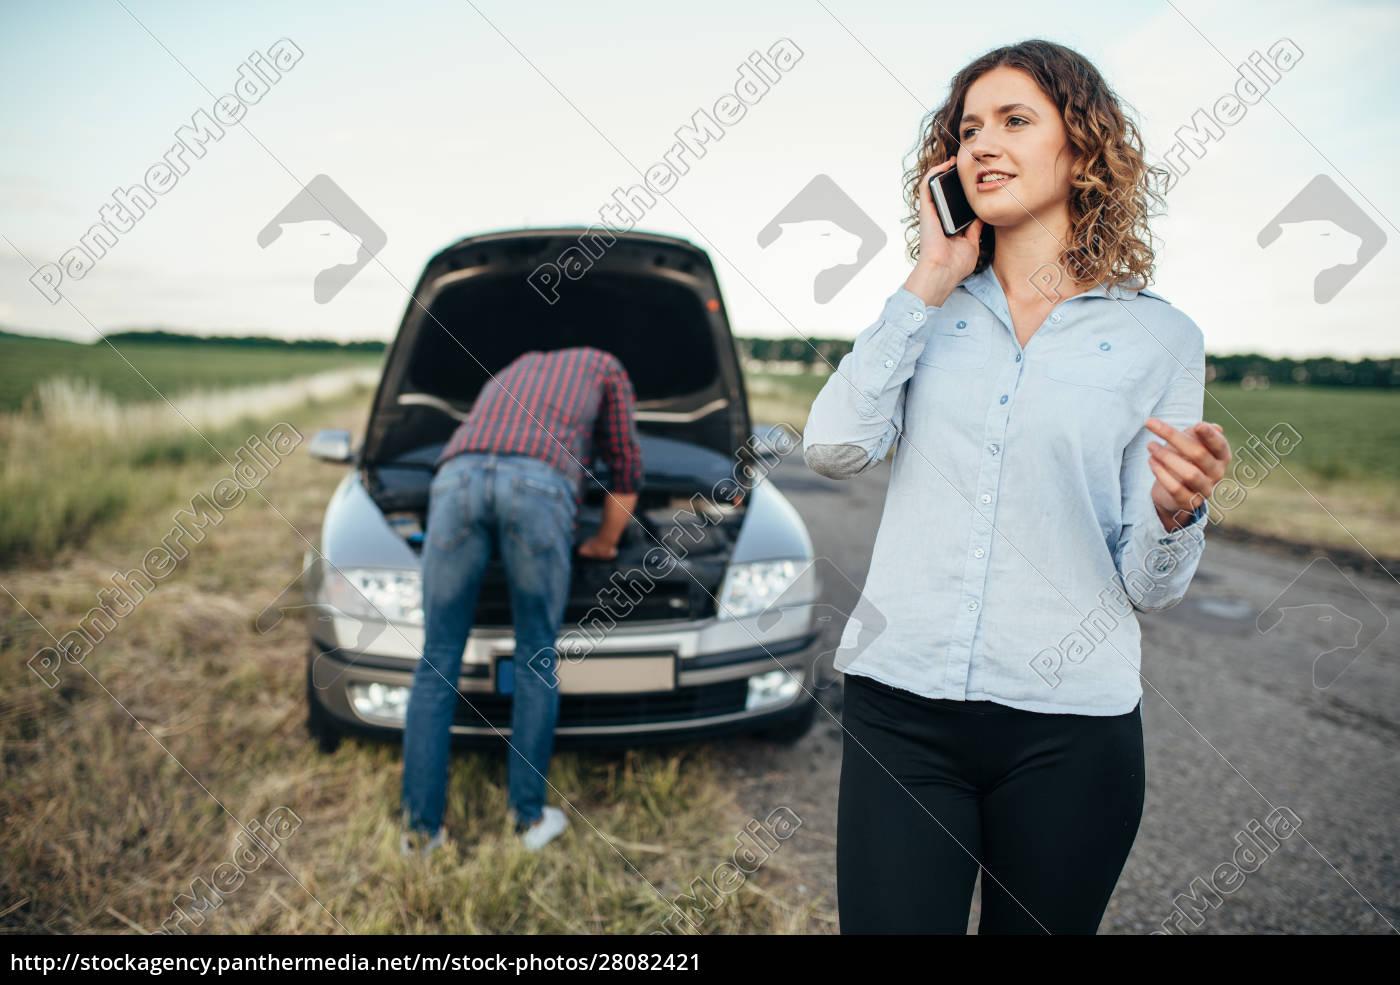 woman, calls, to, service, , man, repair - 28082421